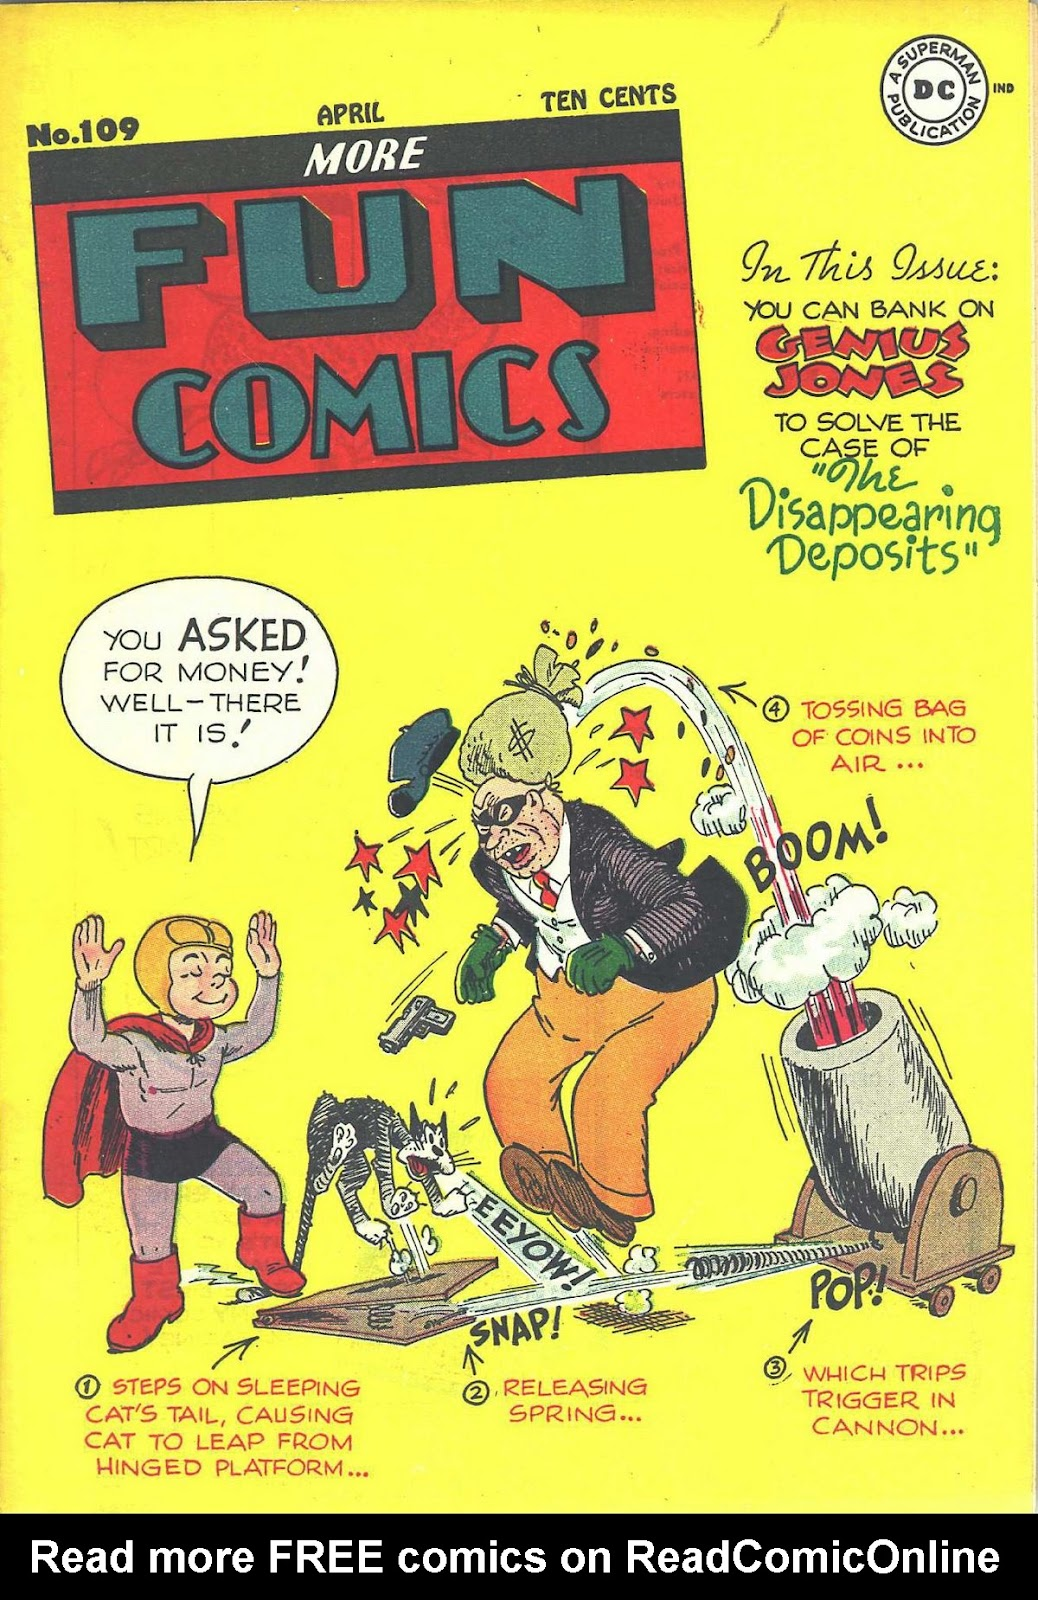 More Fun Comics 109 Page 1